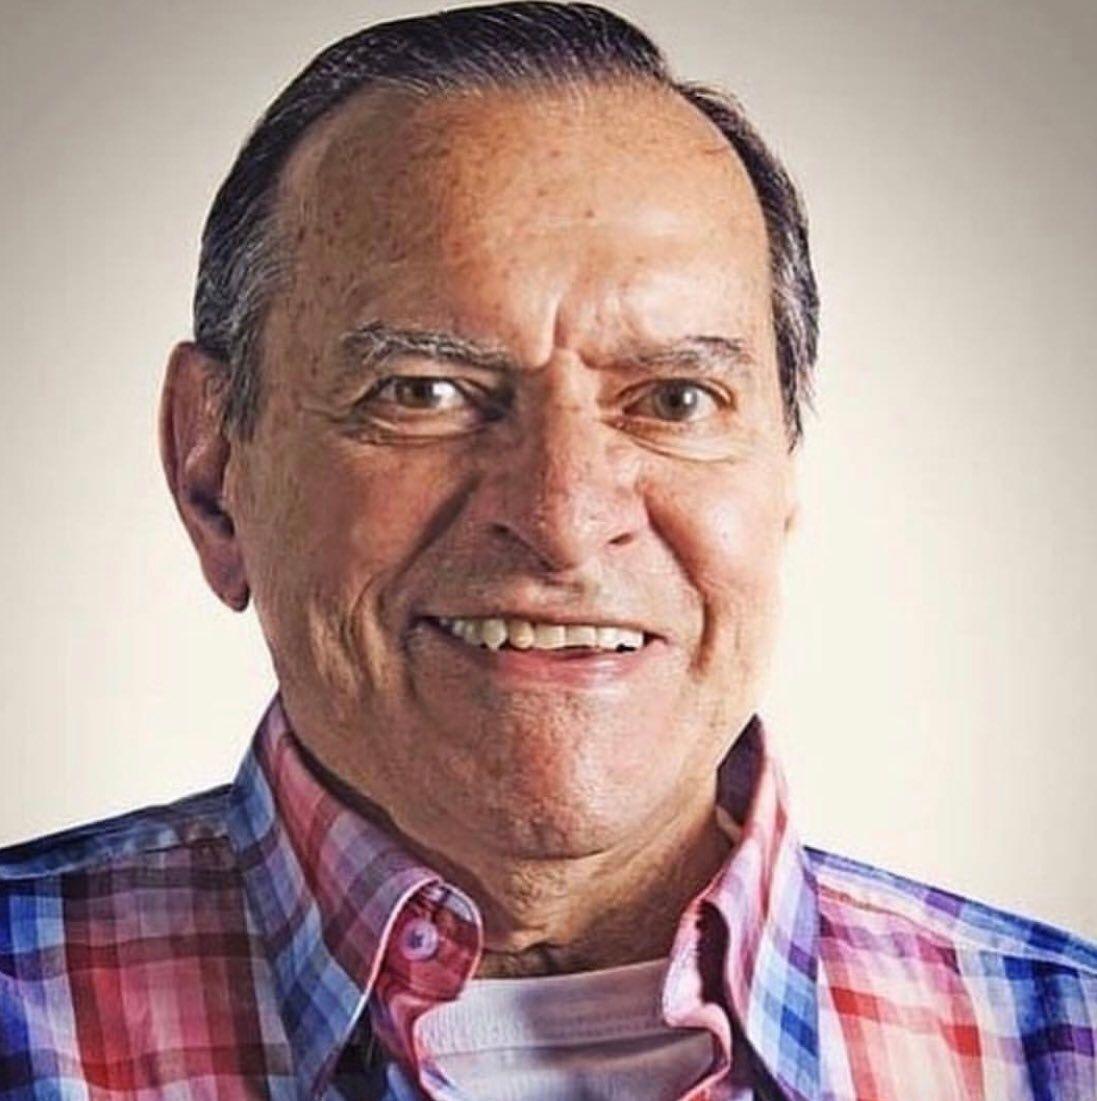 Falleció Pepeto, ícono del humor venezolano | En el Chisme